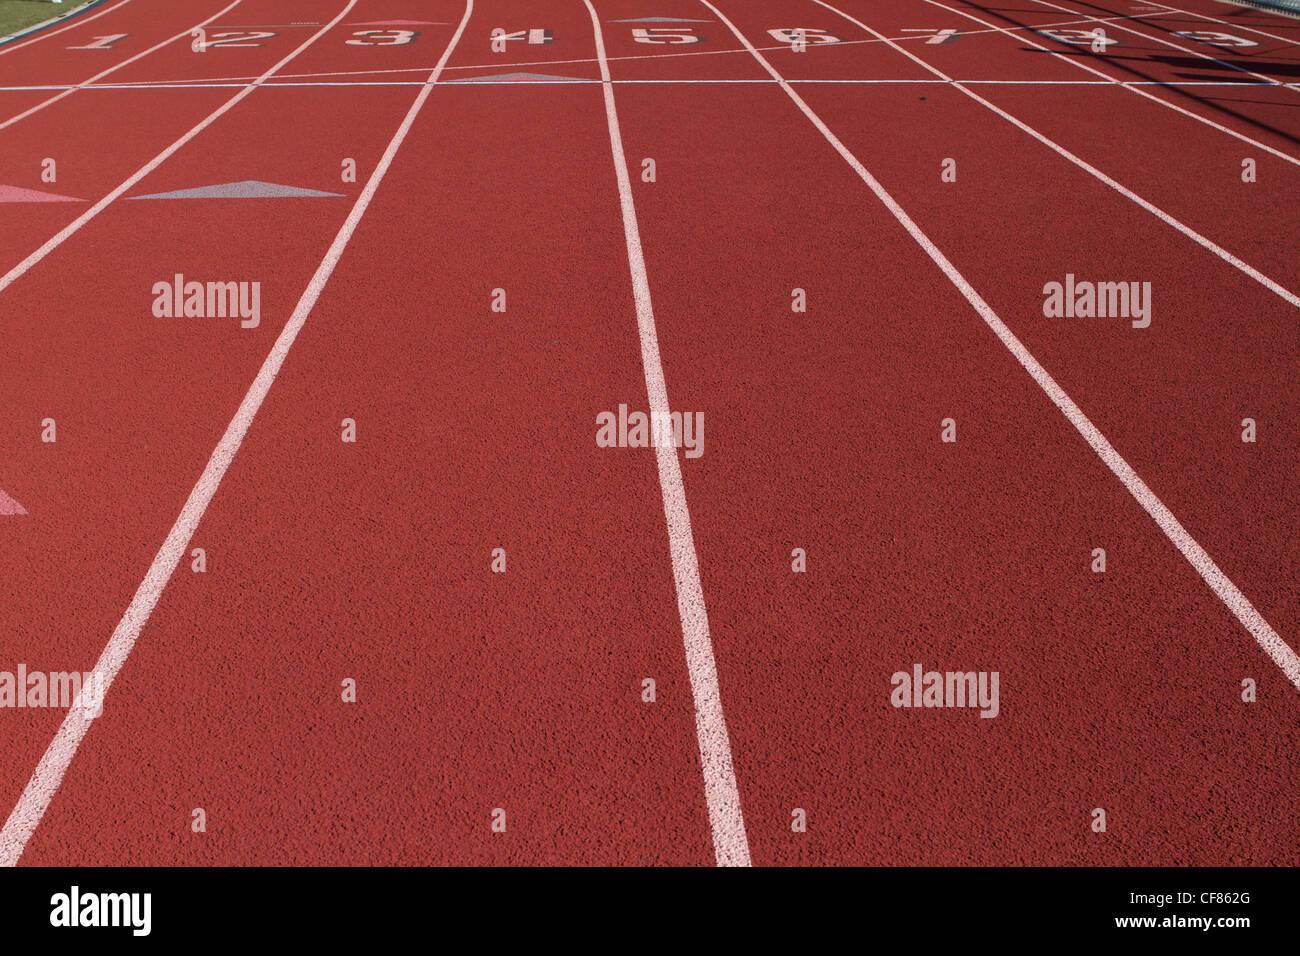 La línea de salida en una pista de atletismo Imagen De Stock